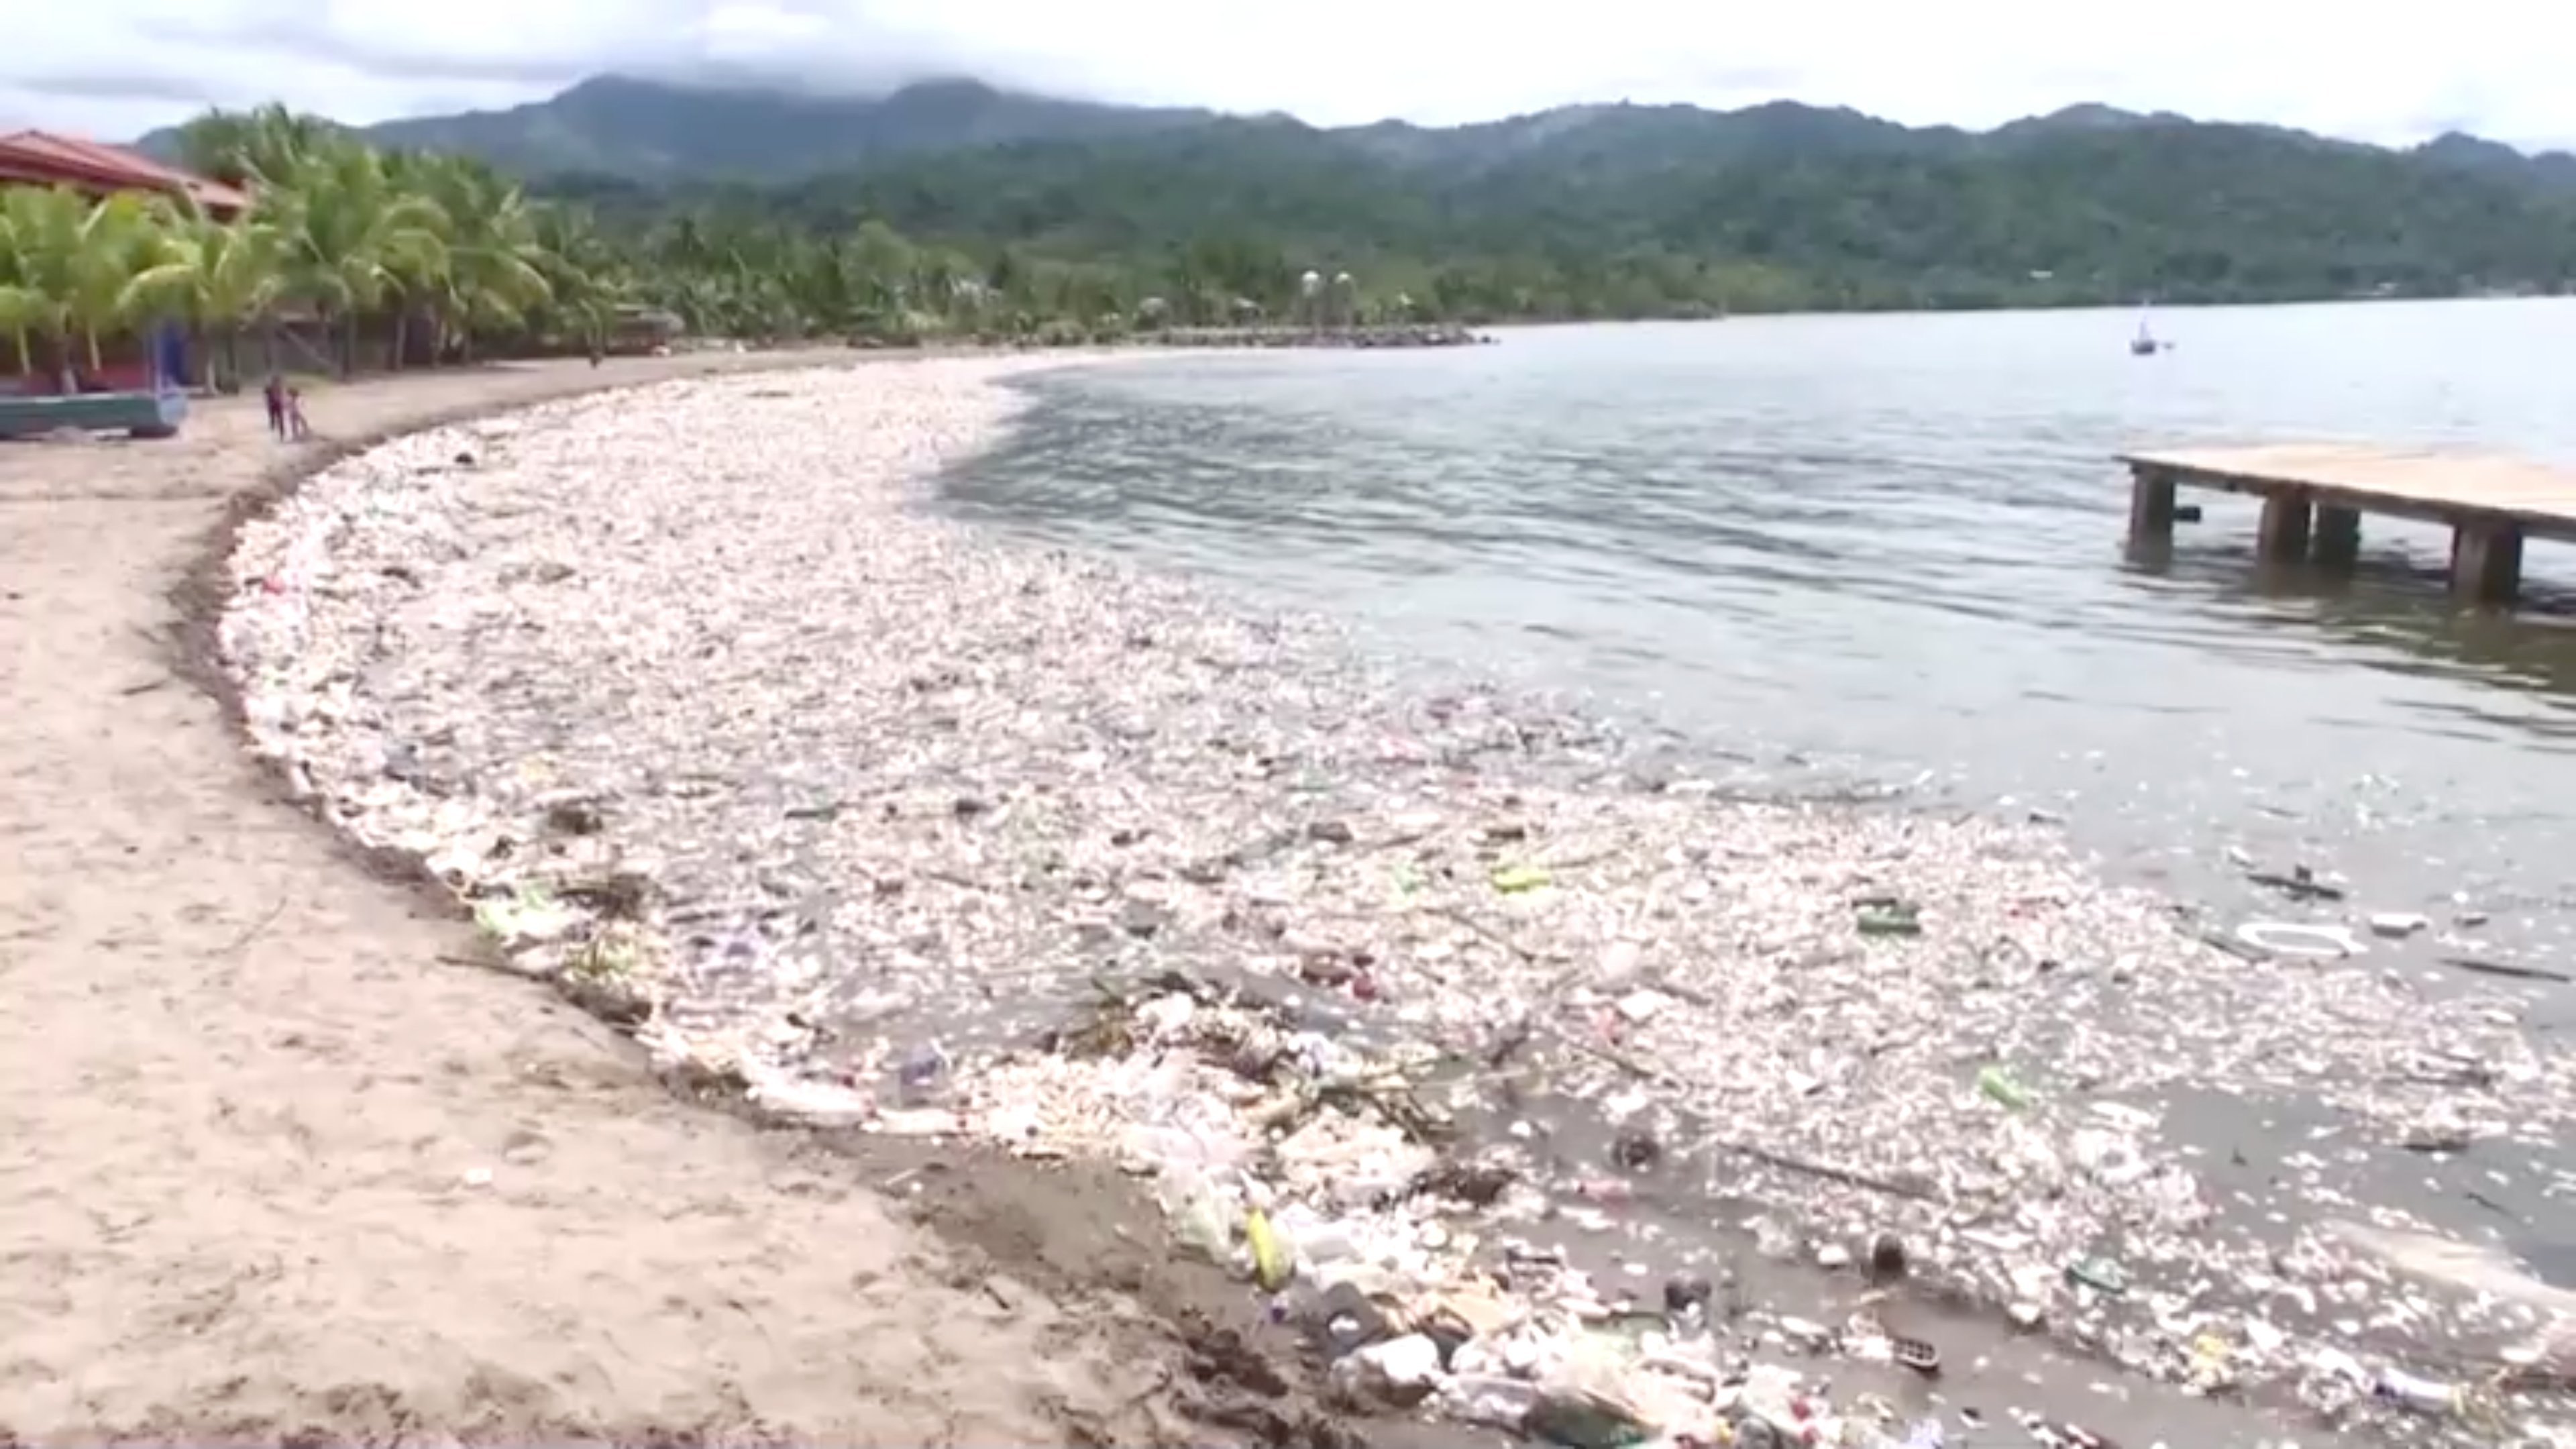 Uma imensa onda de lixo atingiu o litoral de Omoa, no norte de Honduras, criando cenas de terror, com límpidas praias tropicais arruinadas por pilhas de sujeira.